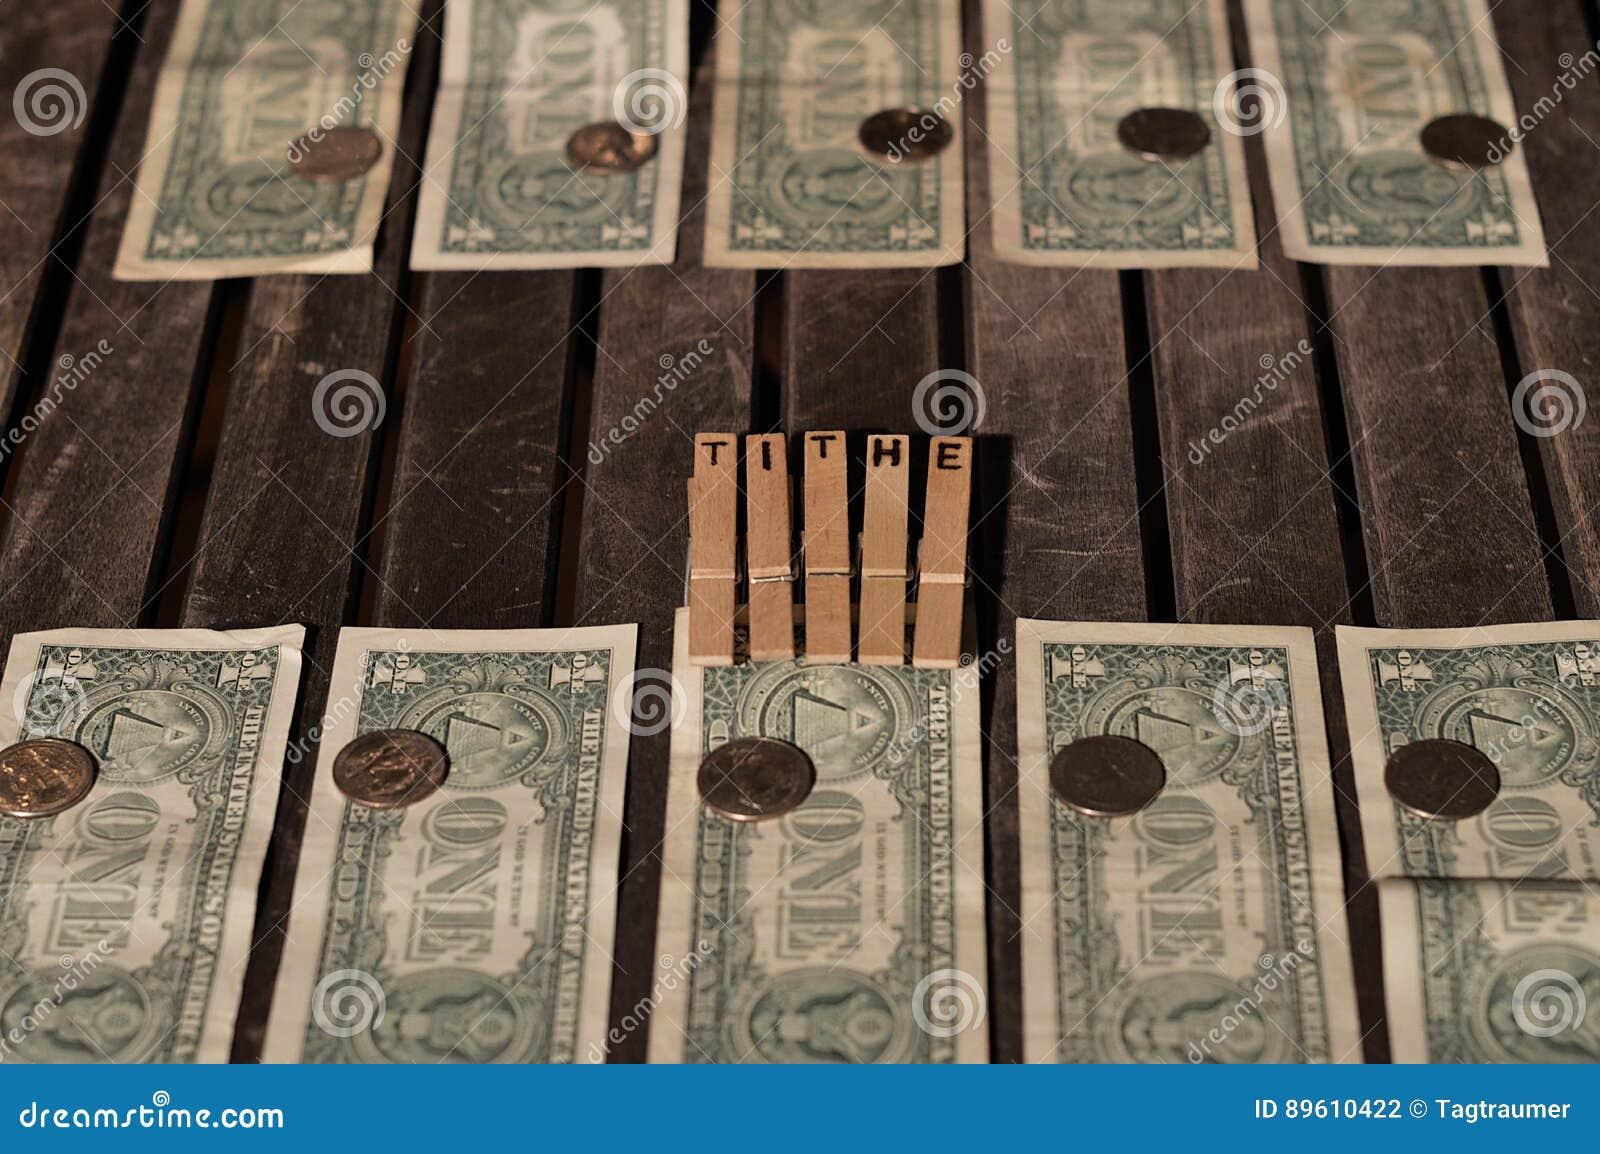 Un dixième de mon argent donné comme dîme